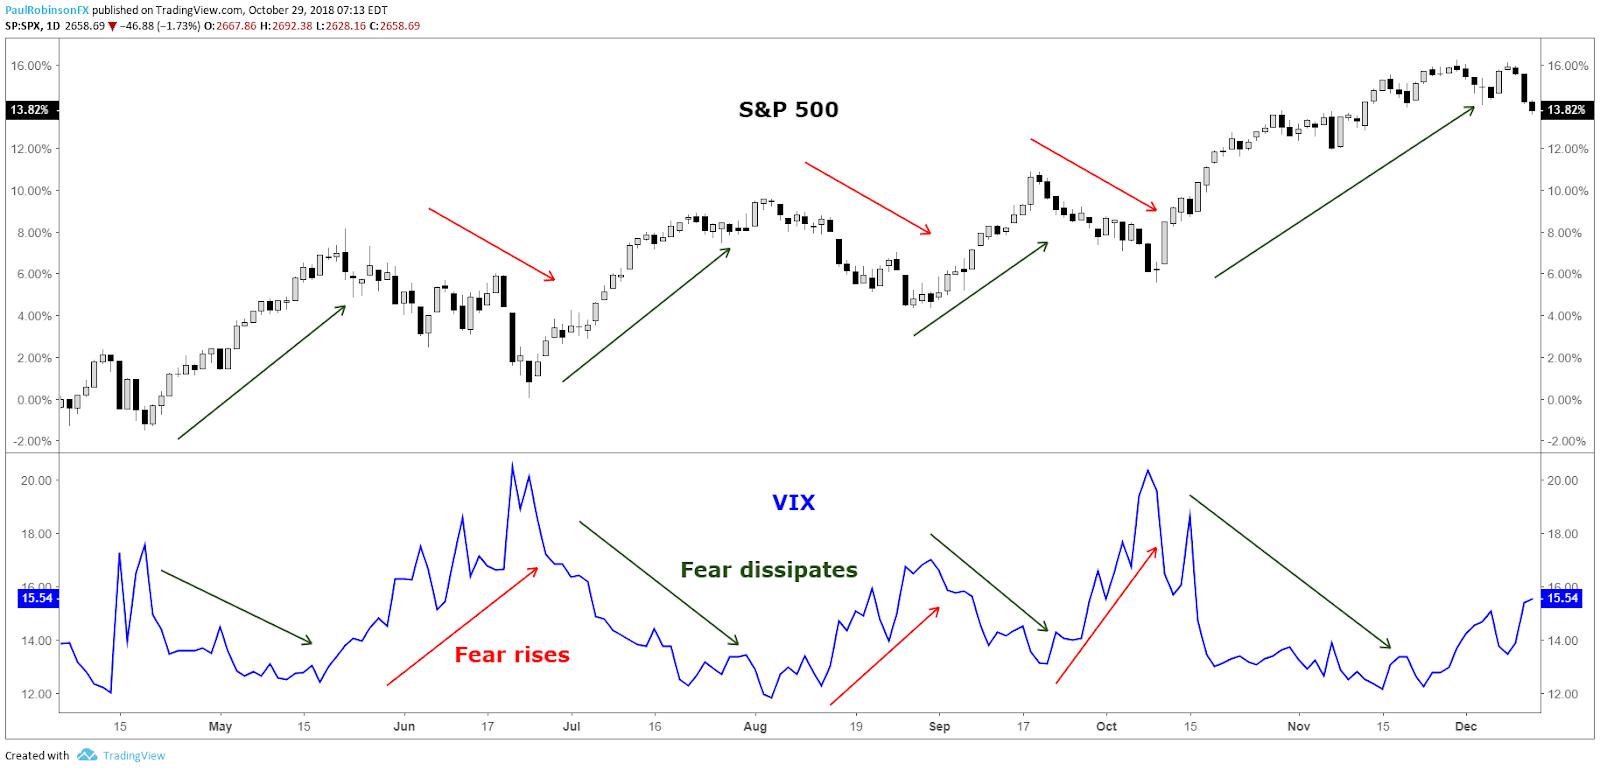 vix inverse correlation to s&p